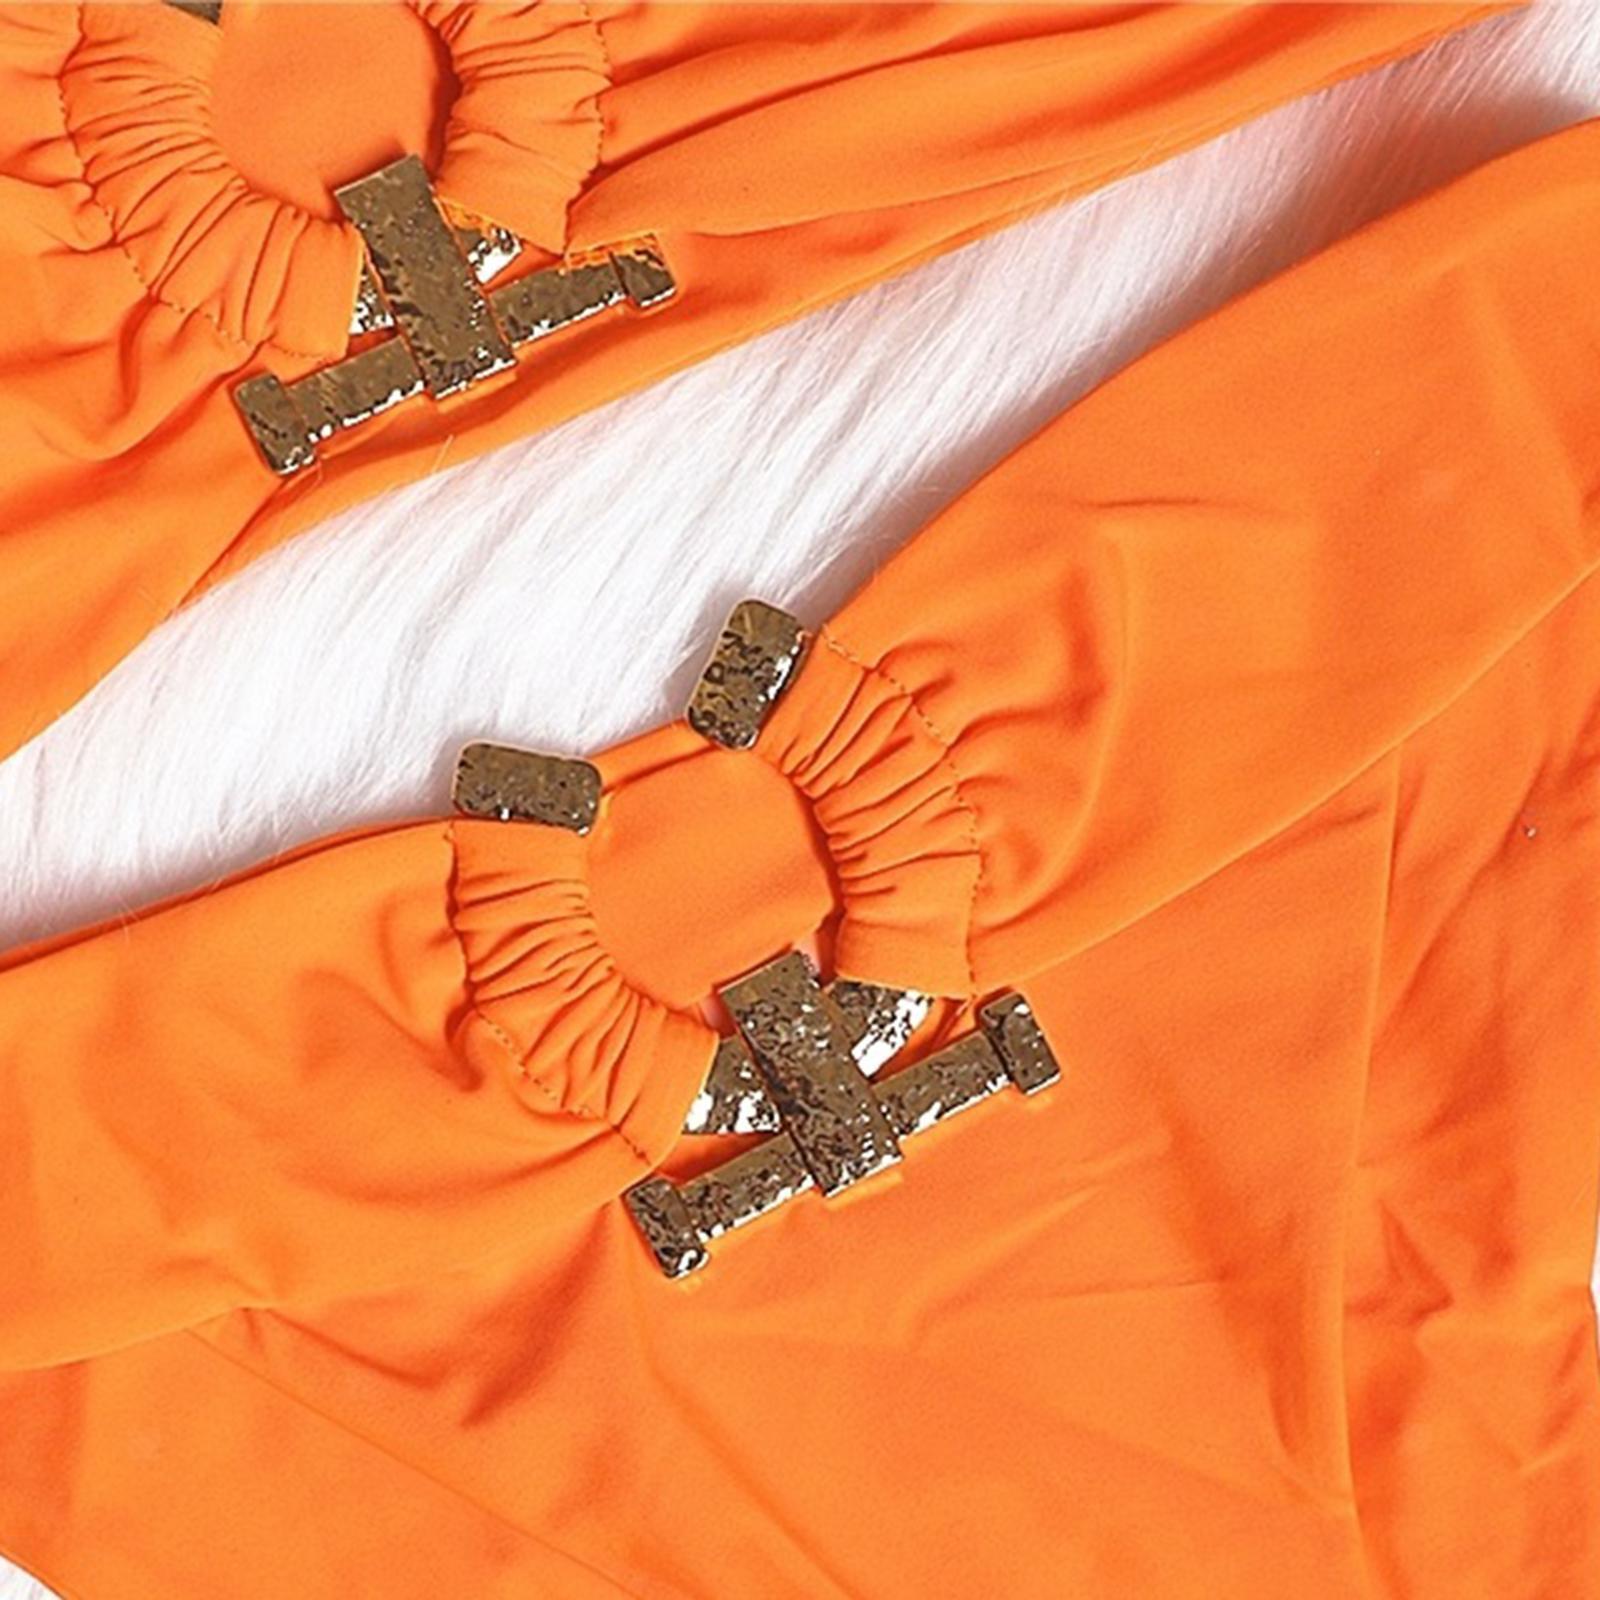 Indexbild 98 - Zwei Stücke Bikini Set Strappy Bademode Party Badeanzug Tankini Bademode